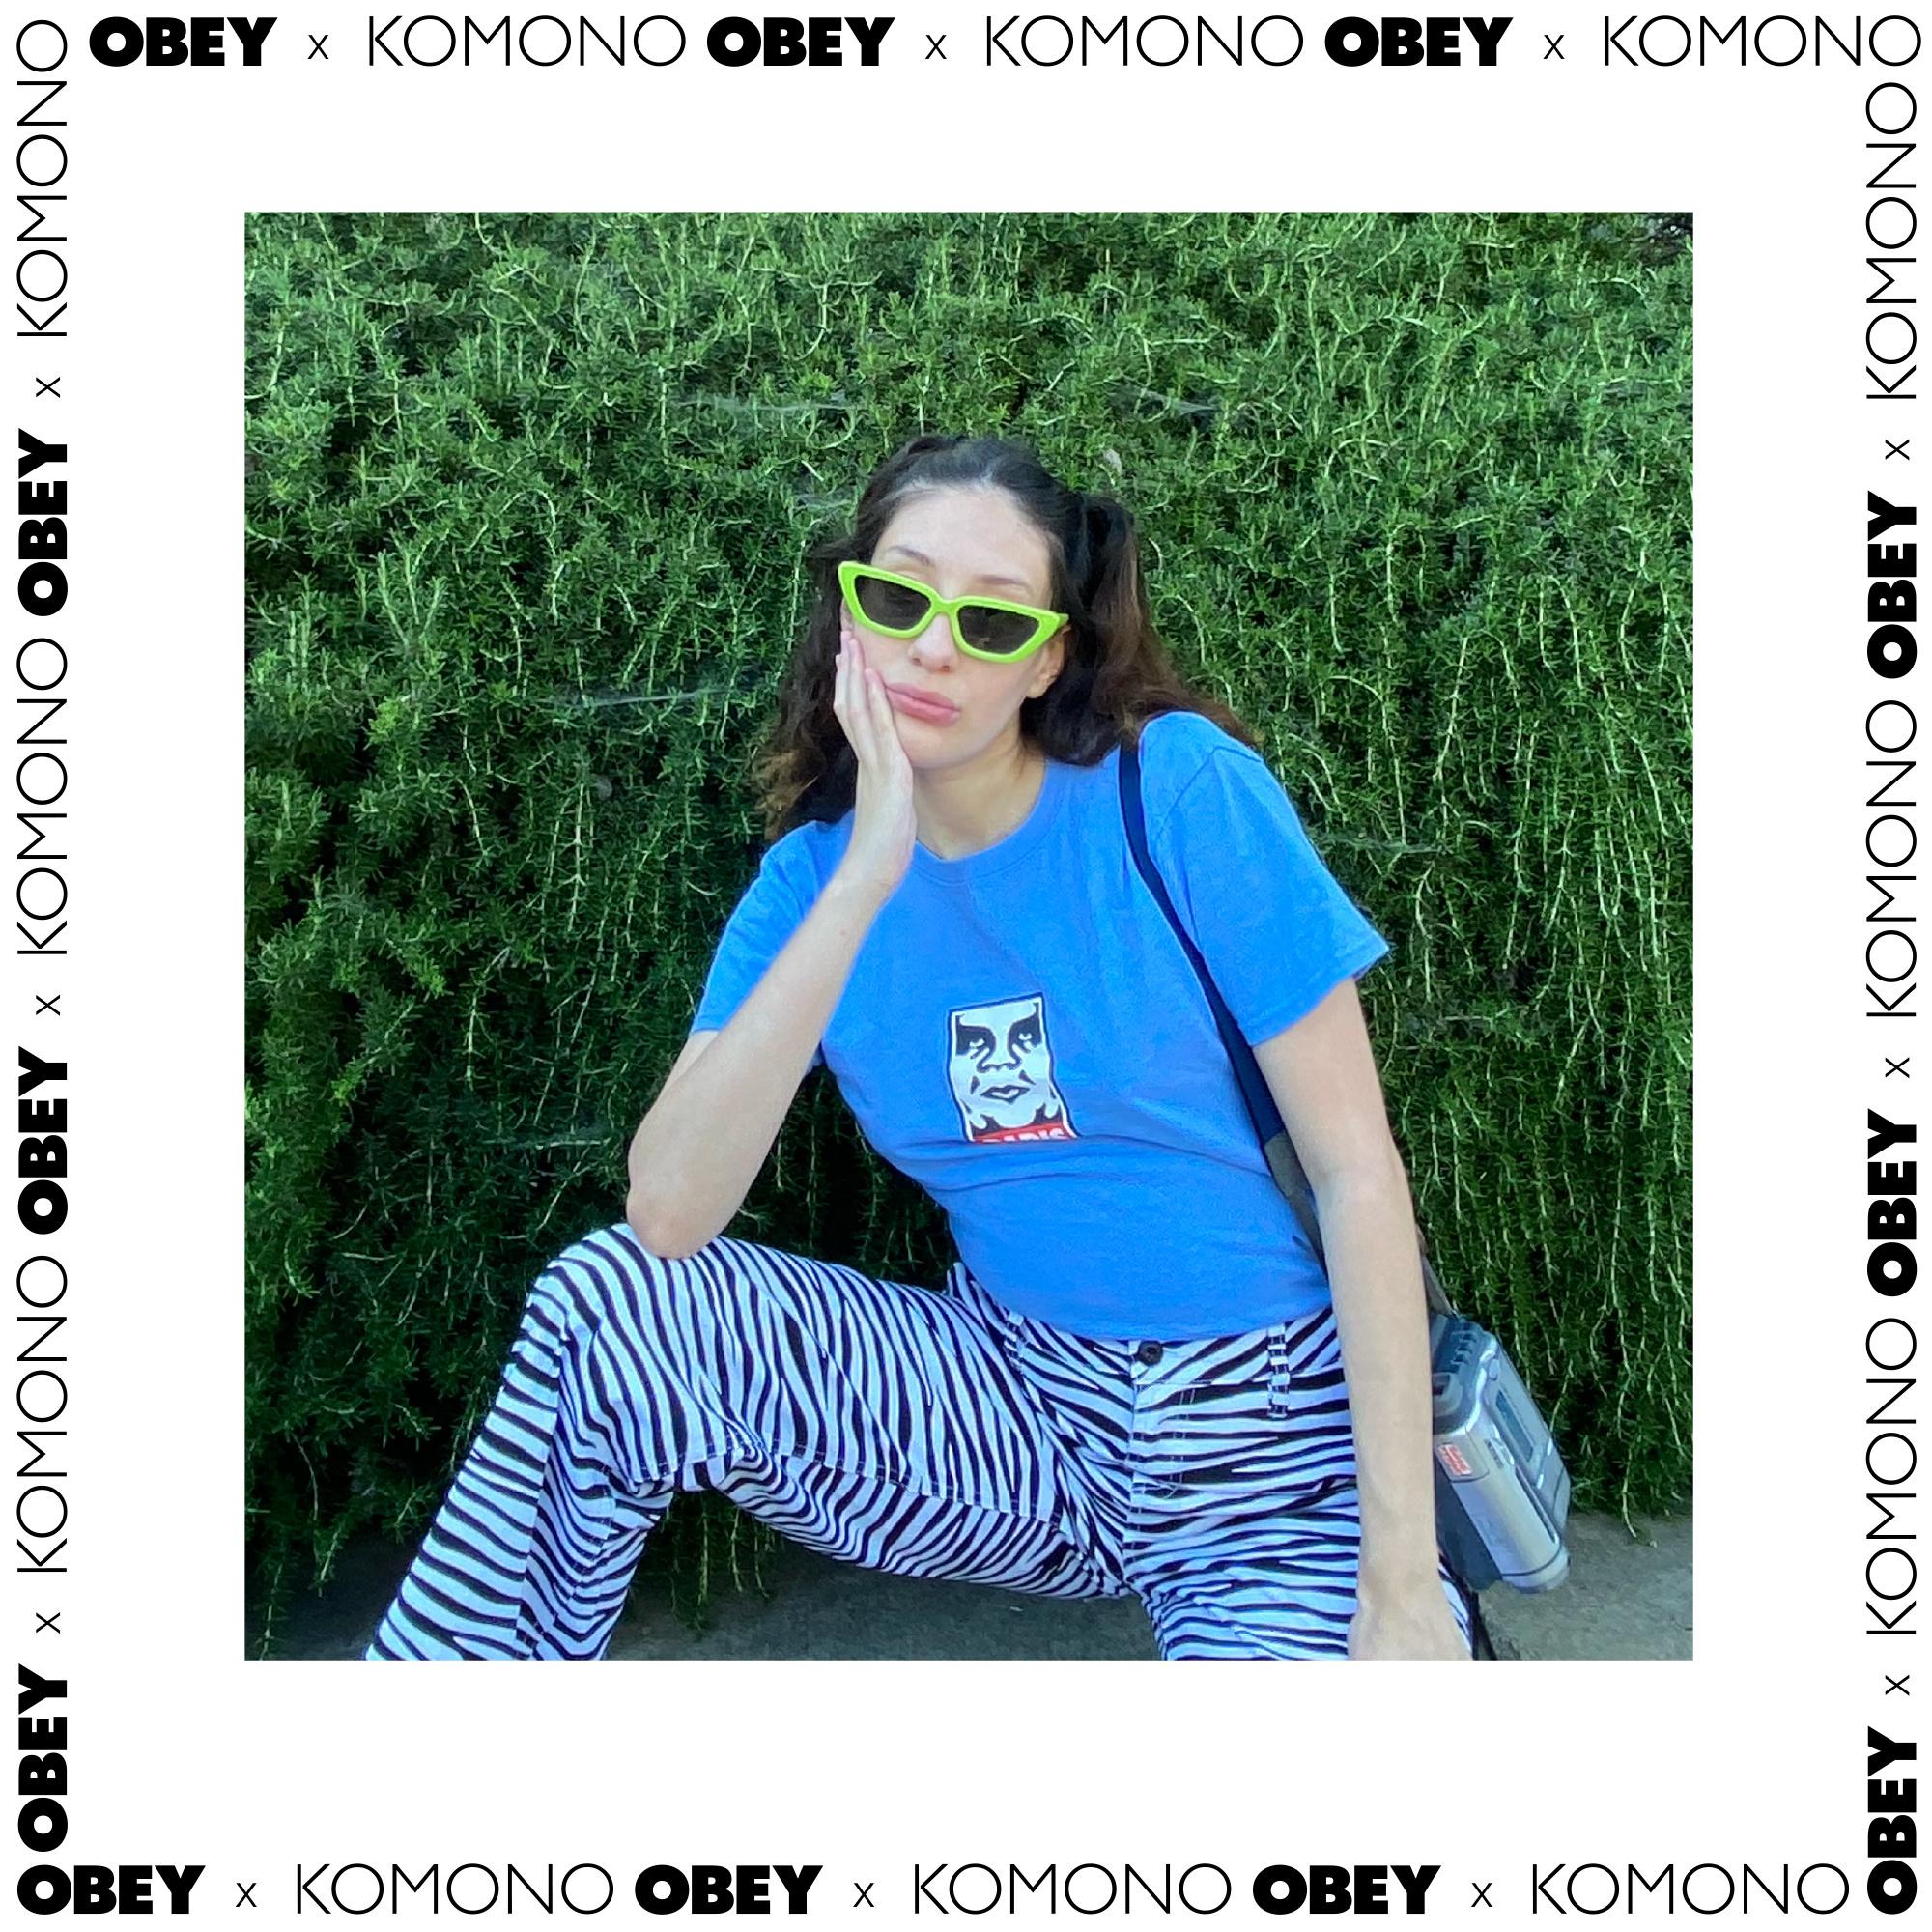 obeyxkomono